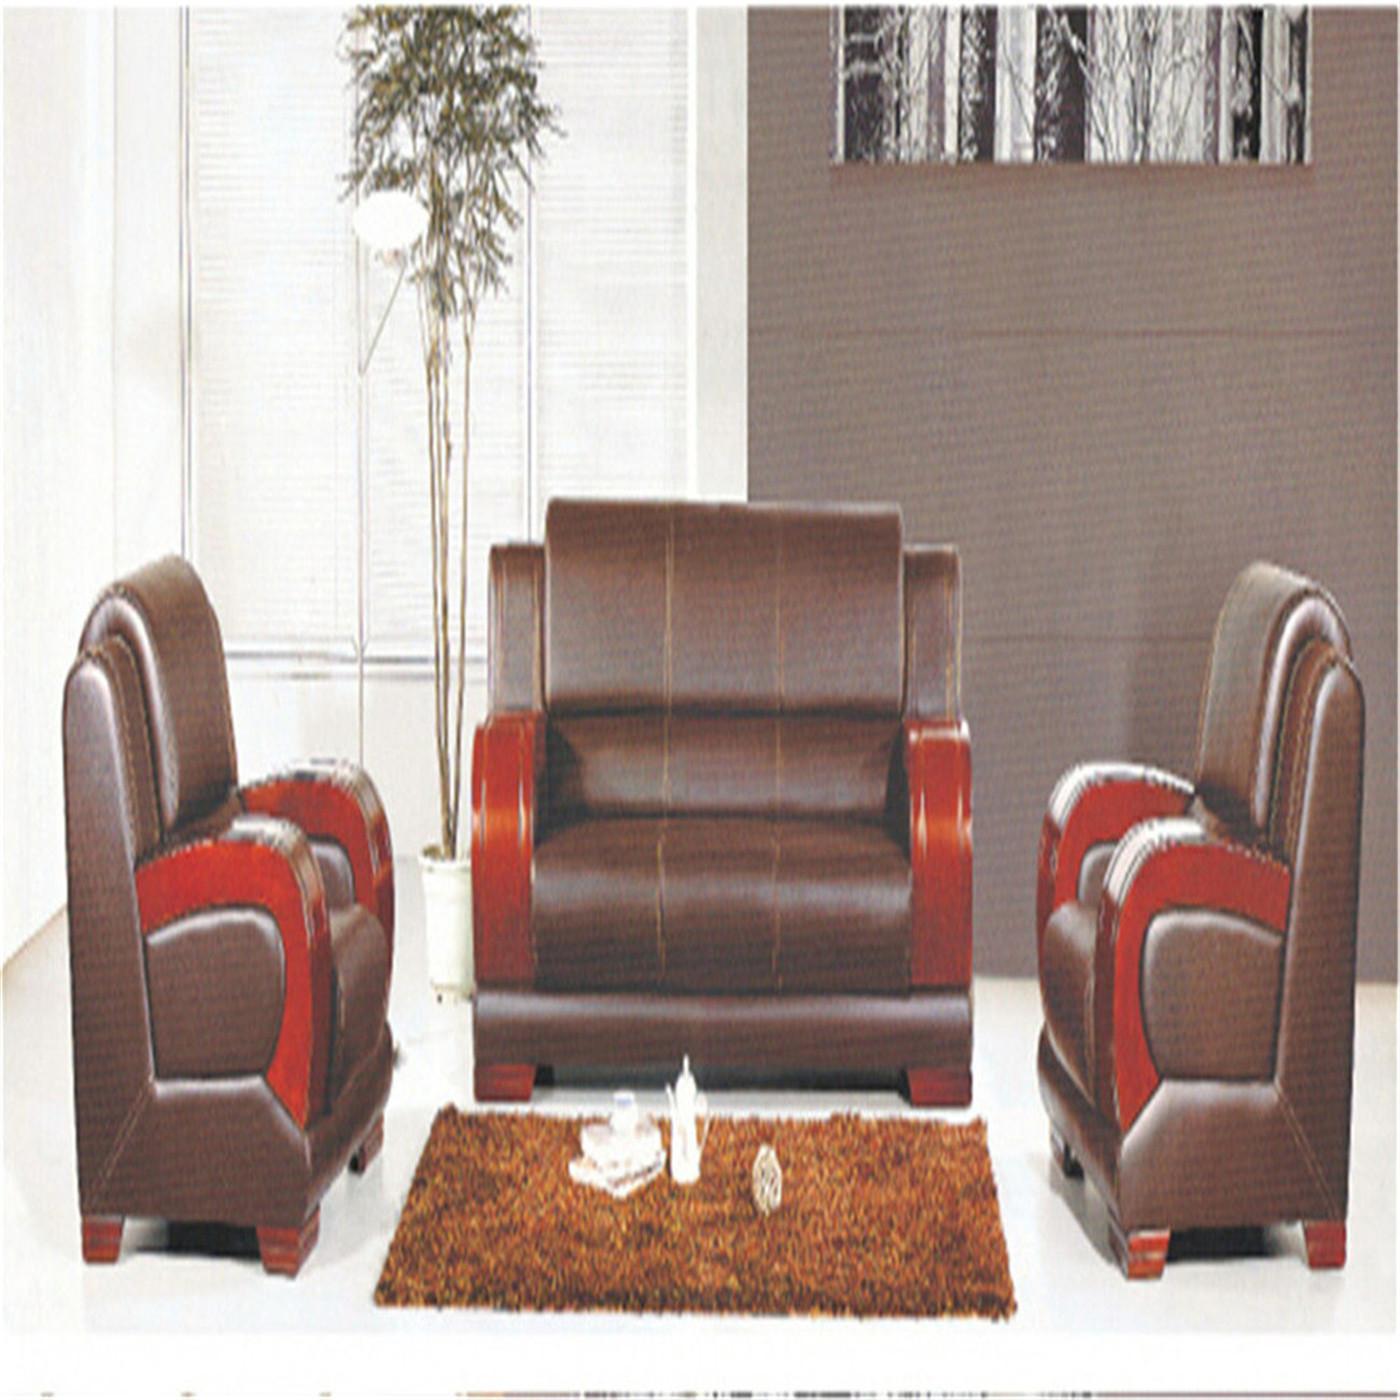 厂家批发实木扶手沙发时尚2020新款大厅实木扶手沙发大款办公沙发